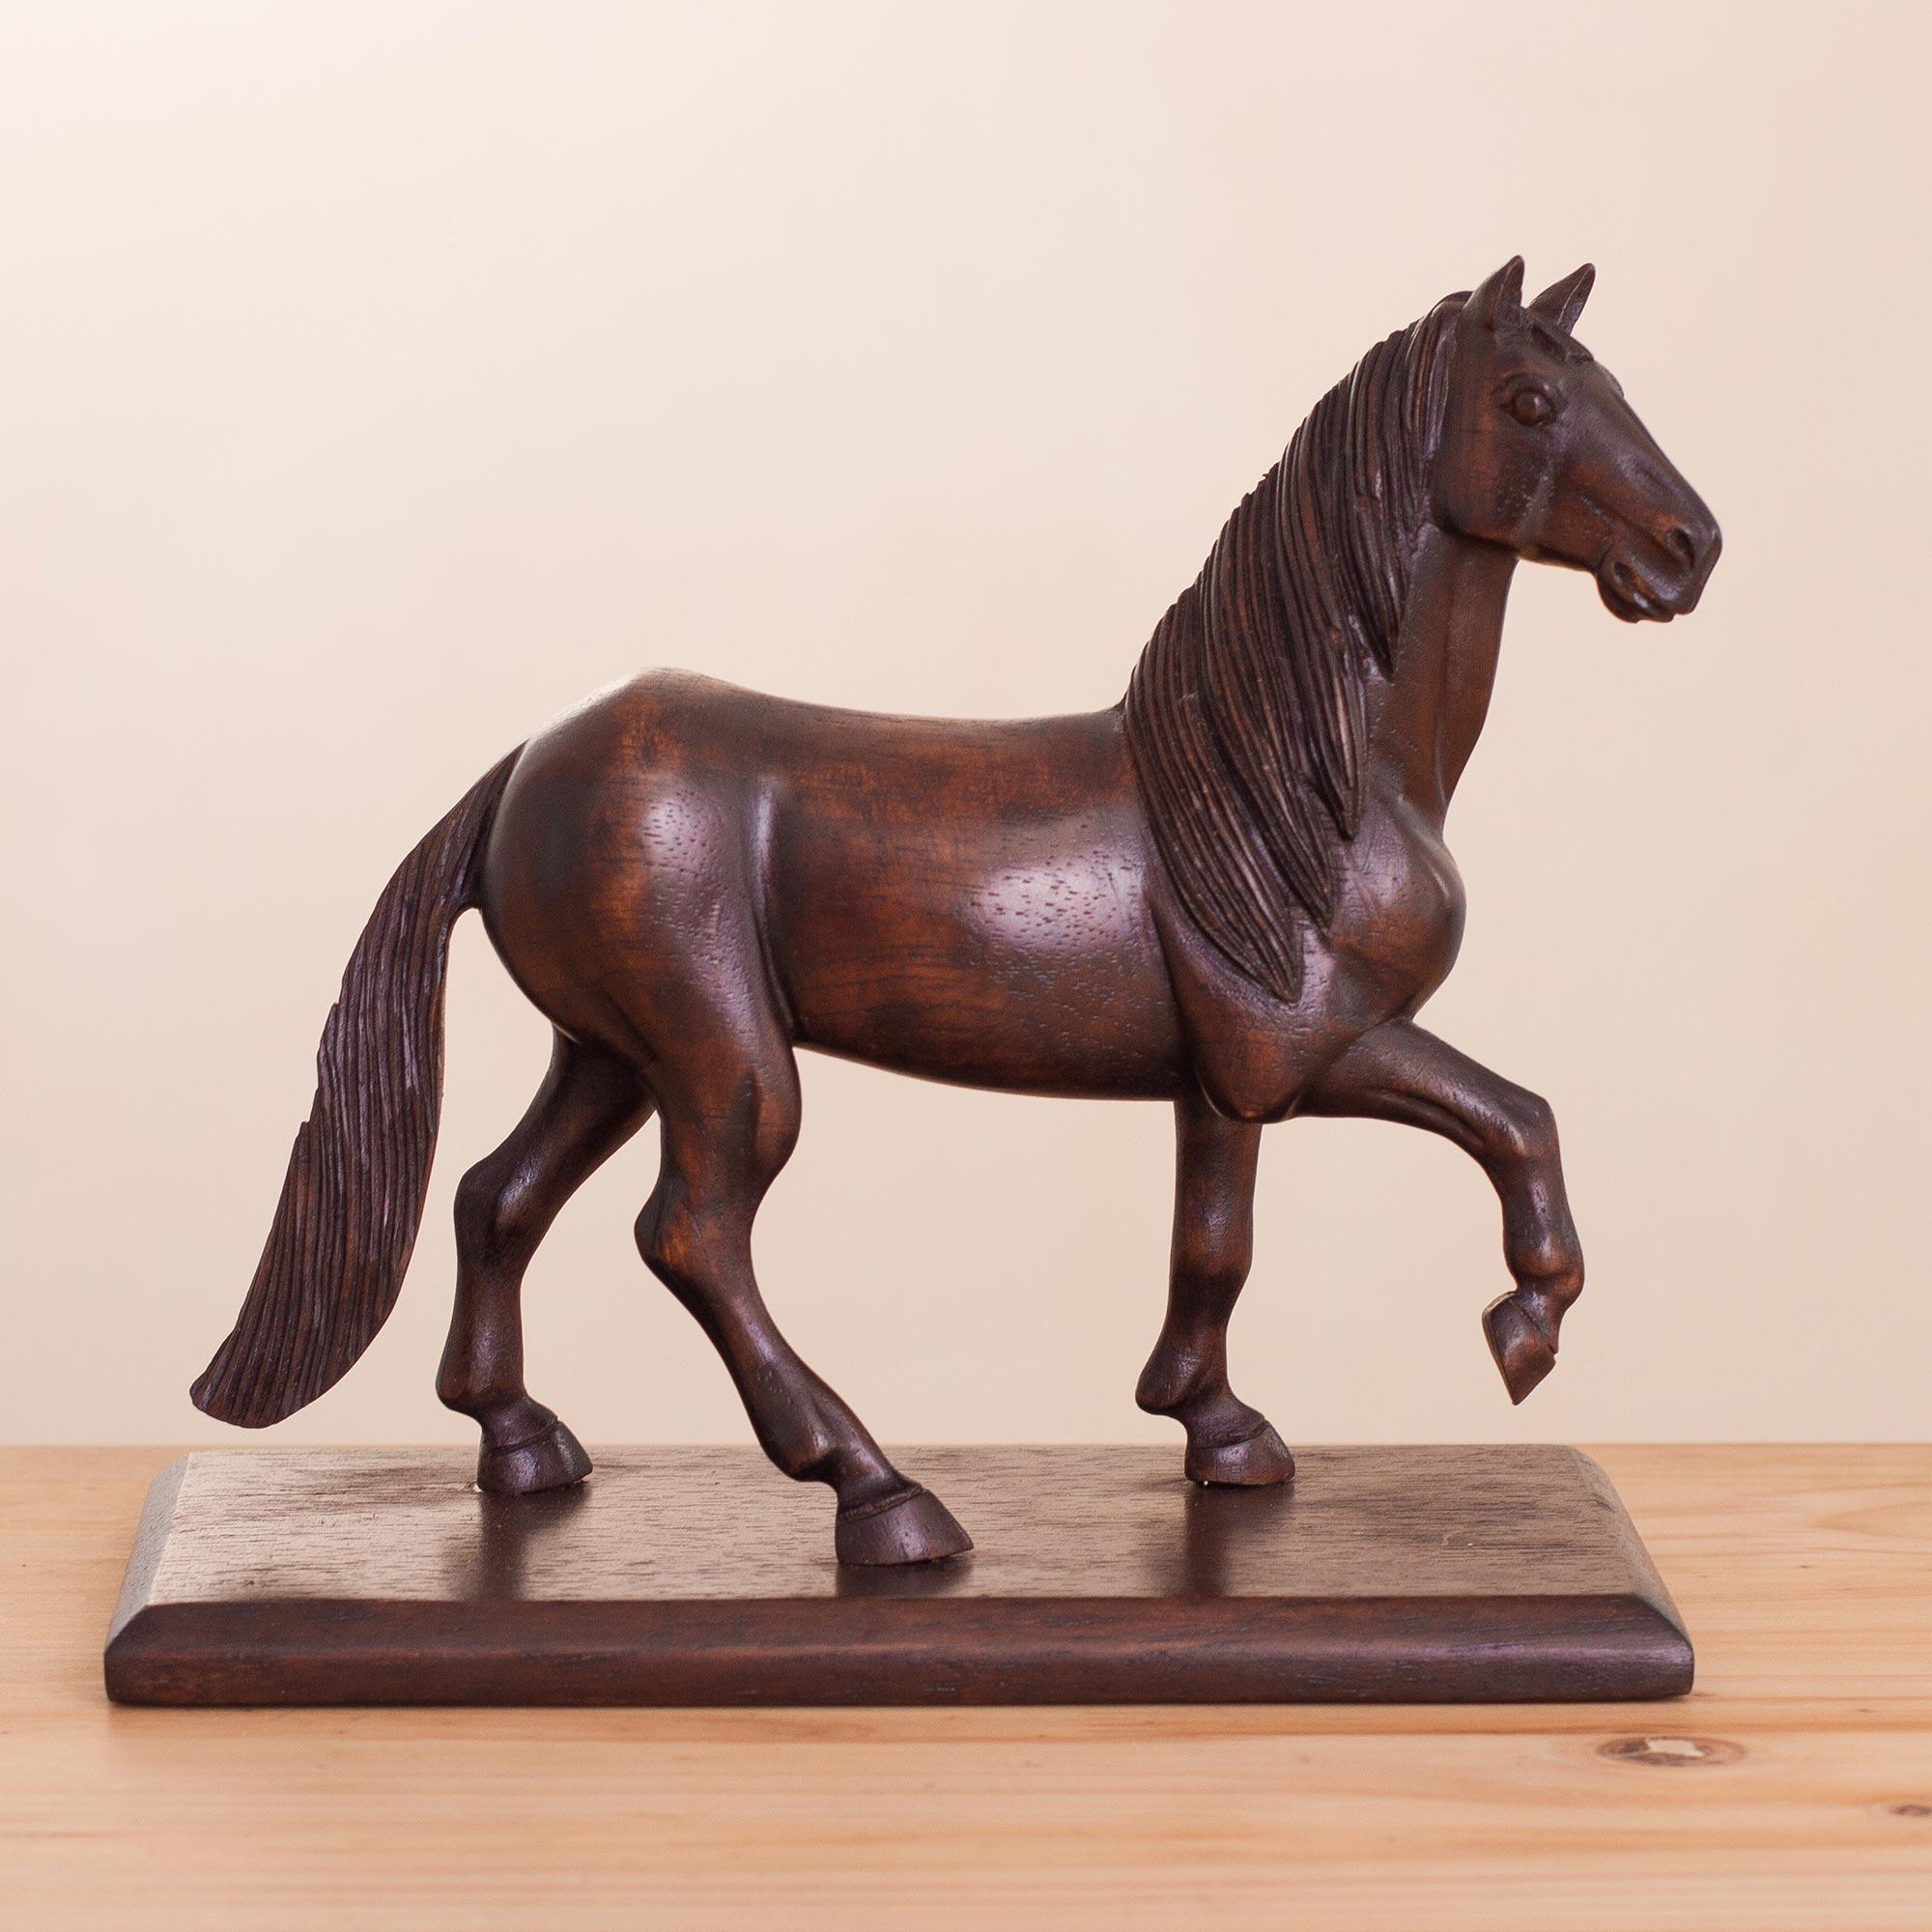 Hand Carved Cedar Wood Horse Sculpture From Peru Peruvian Horse Novica